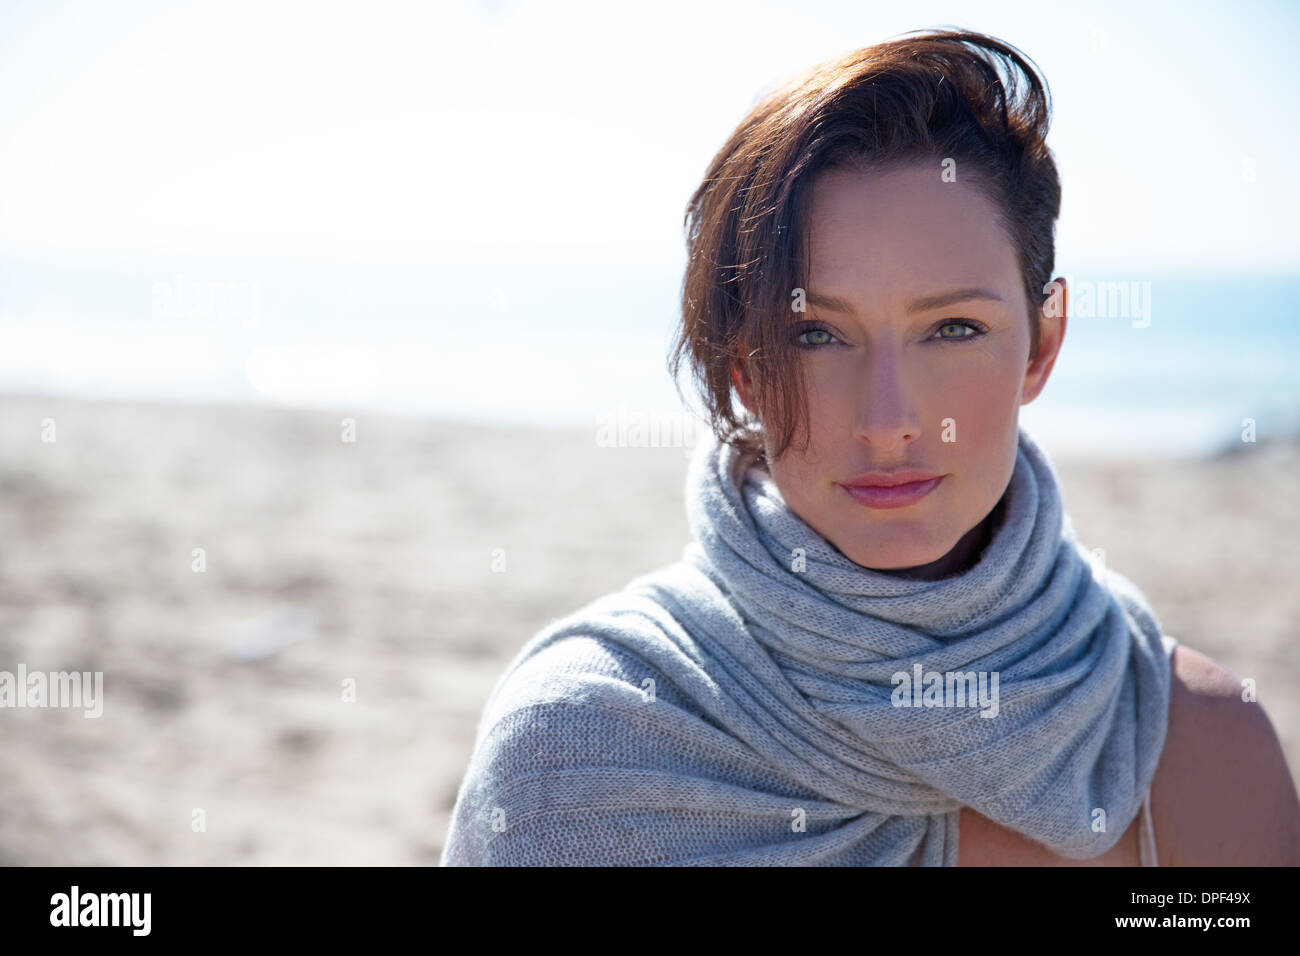 Retrato de mujer madura con el pelo corto, Newport Beach, California, EE.UU. Imagen De Stock